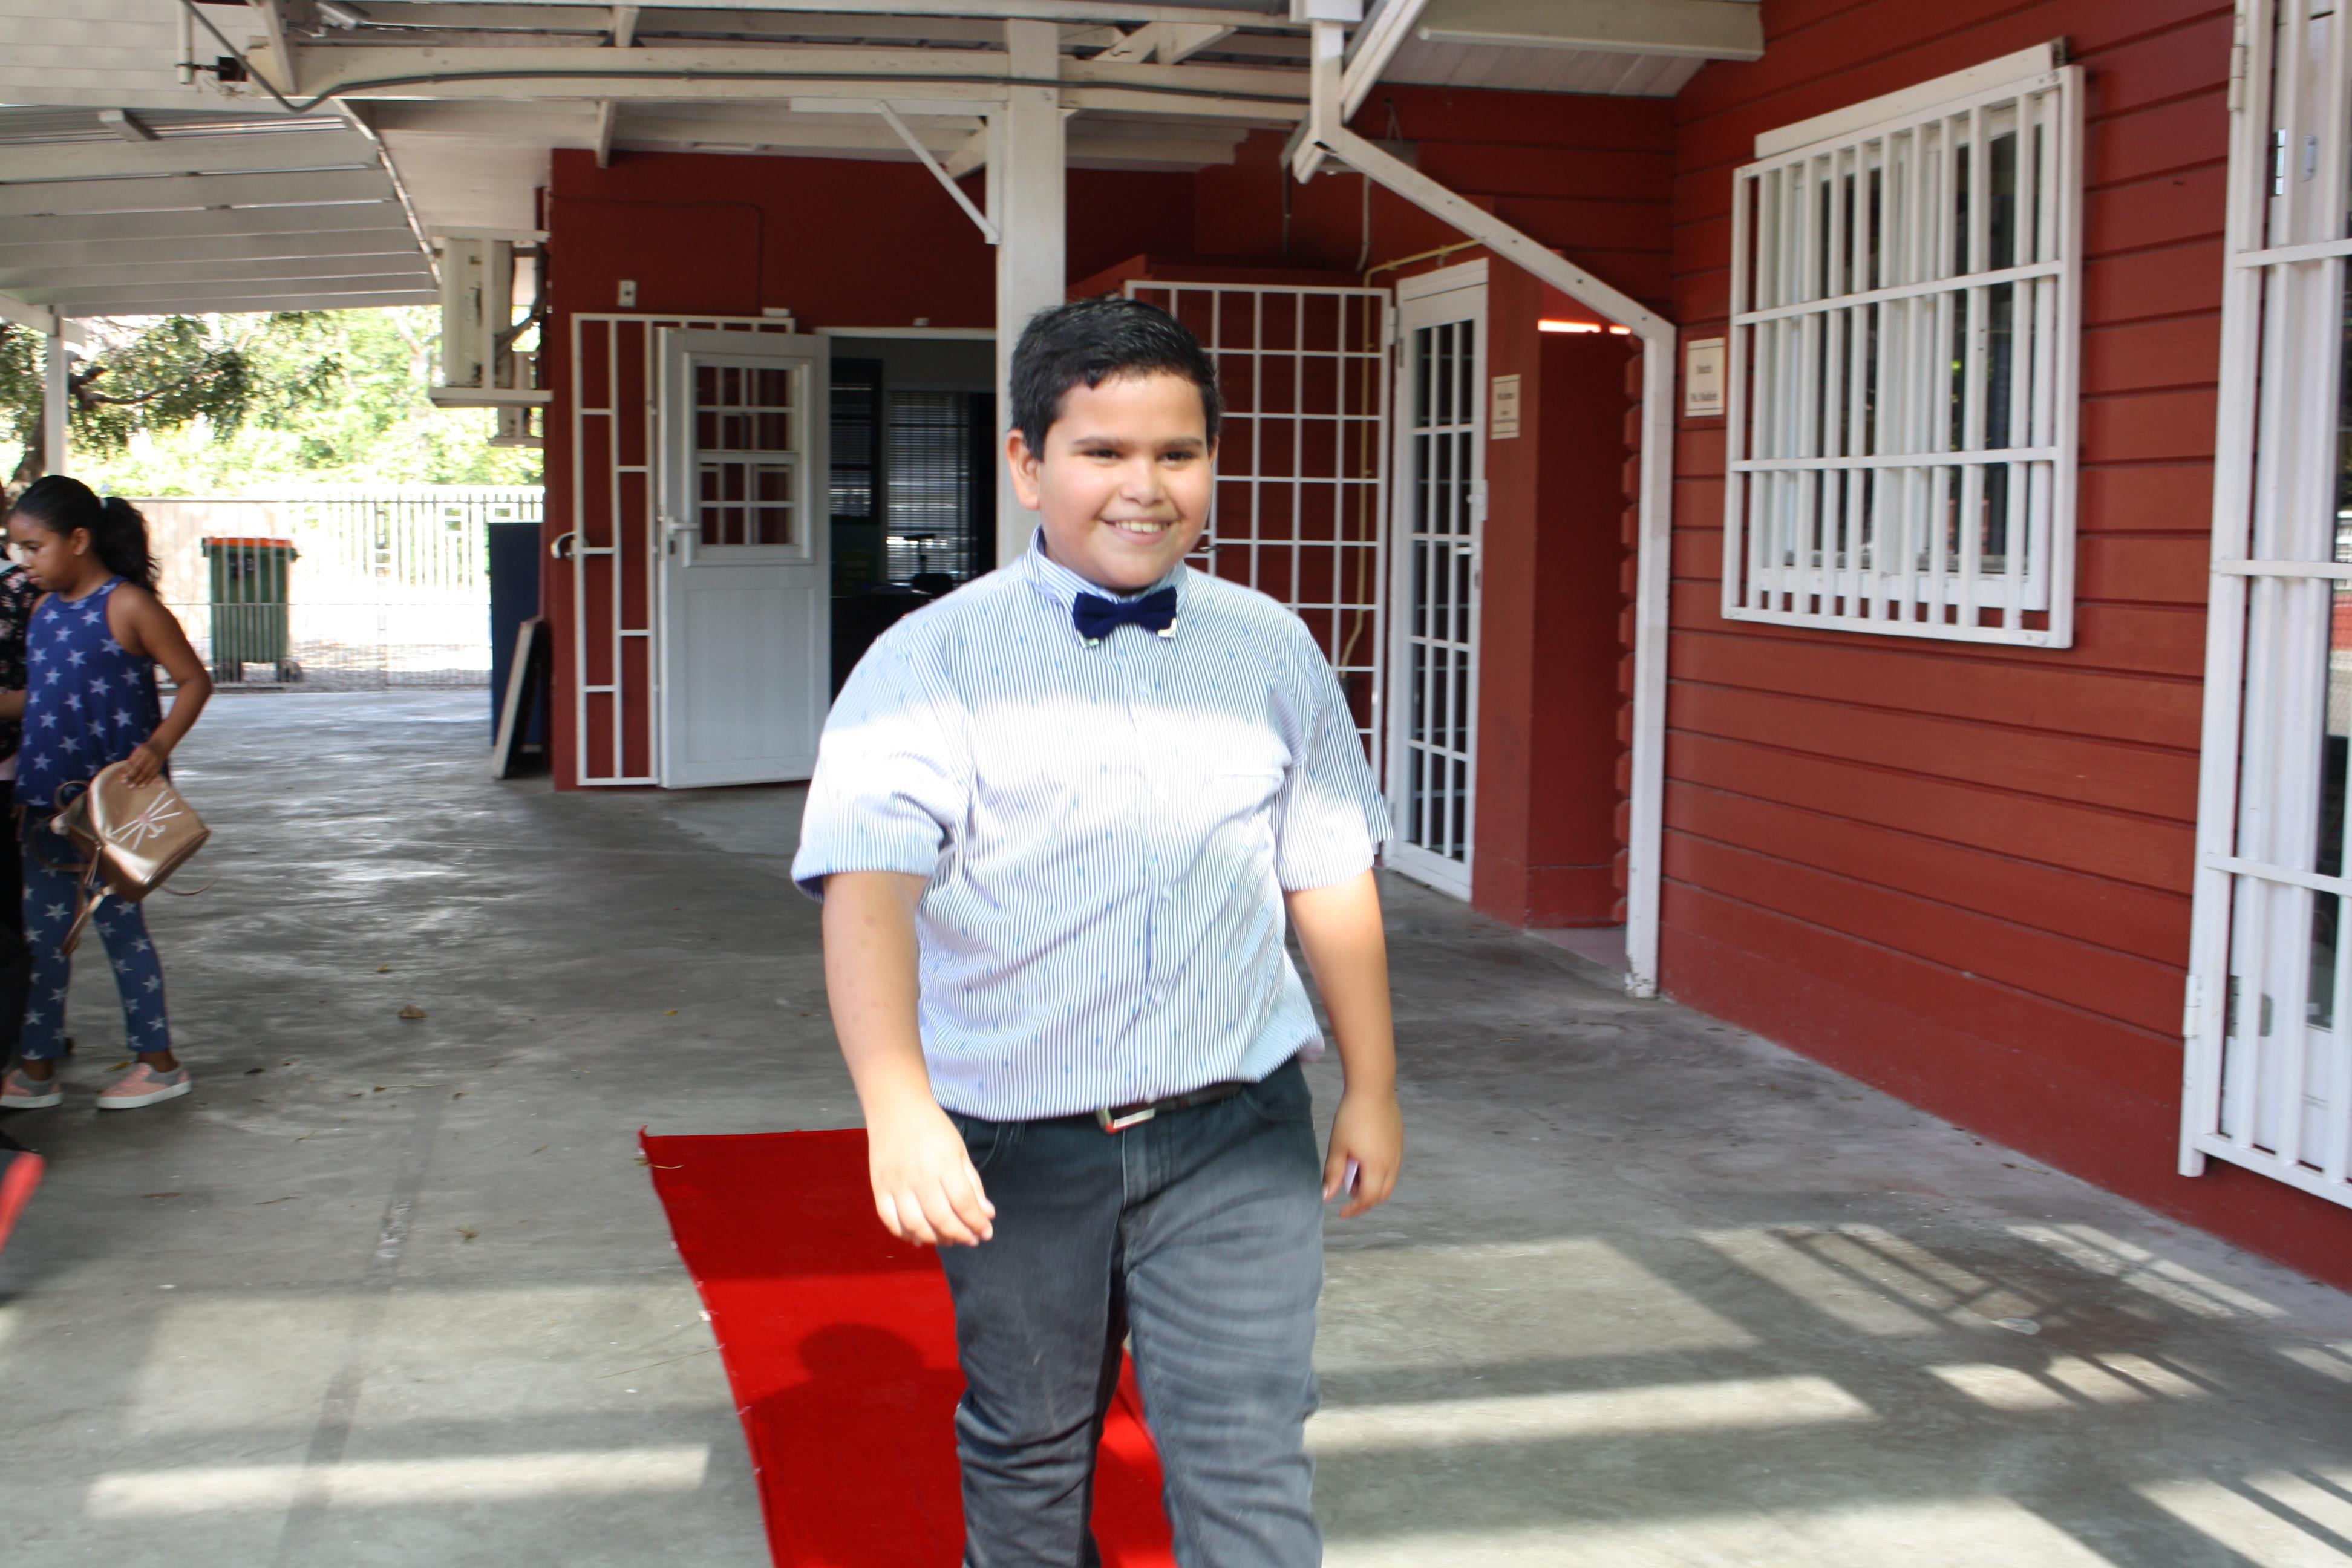 Red carpet walk!